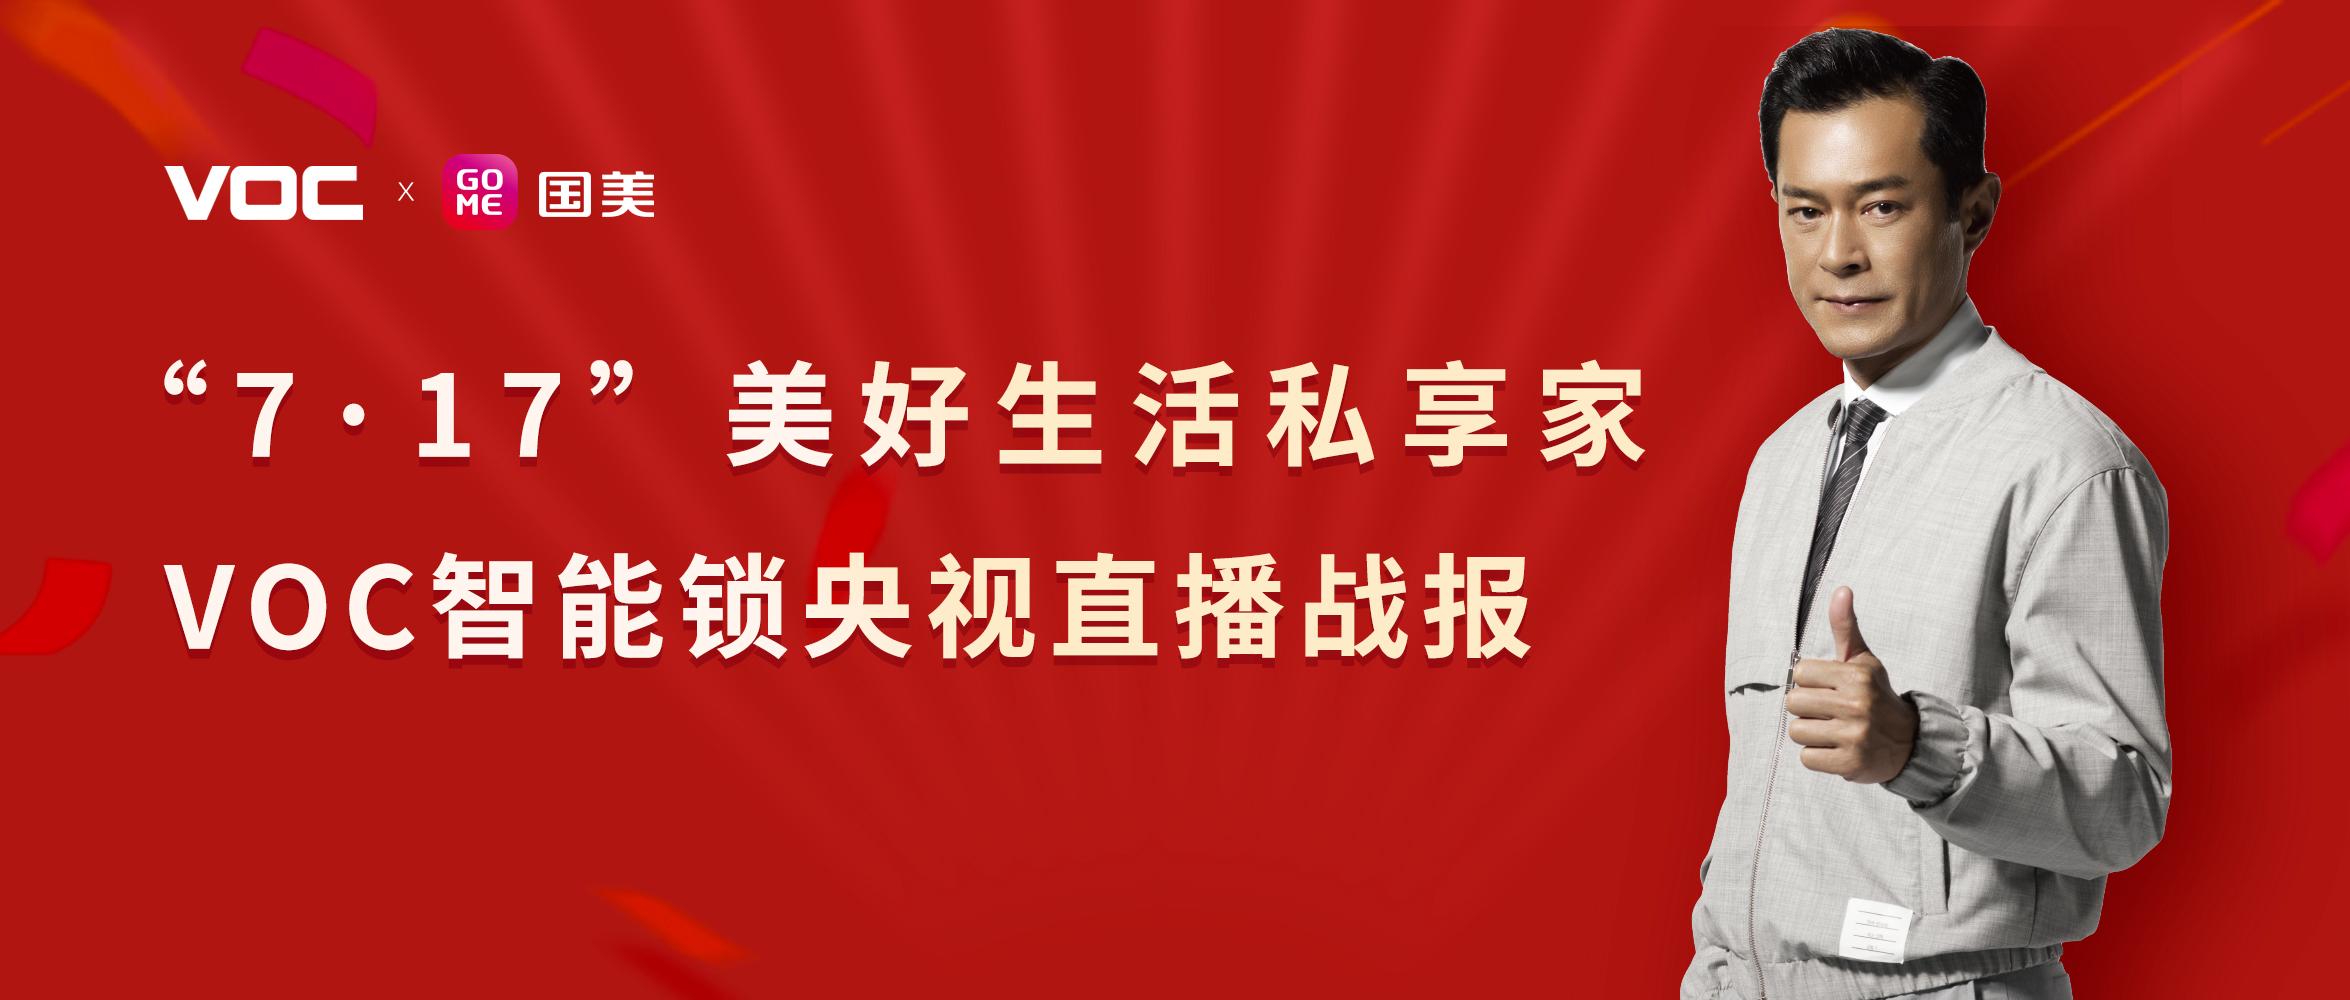 捷报 | VOC智能锁央视直播一分钟秒光,全平台销量第一,霸屏全网话题榜!